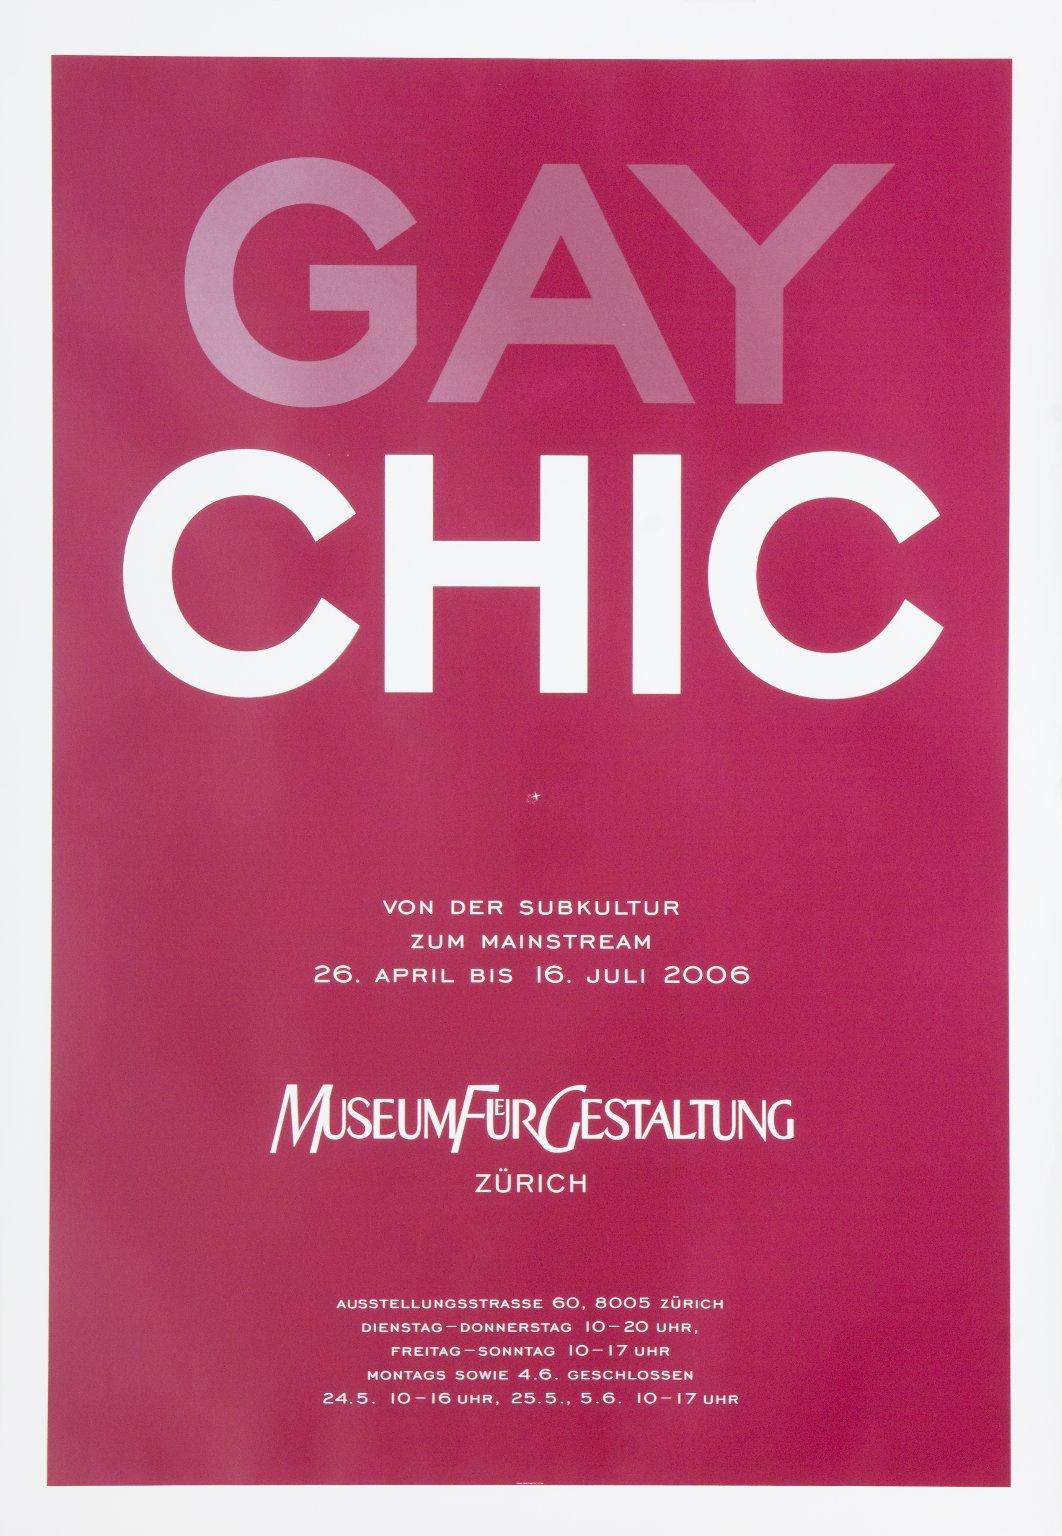 Gay Chic